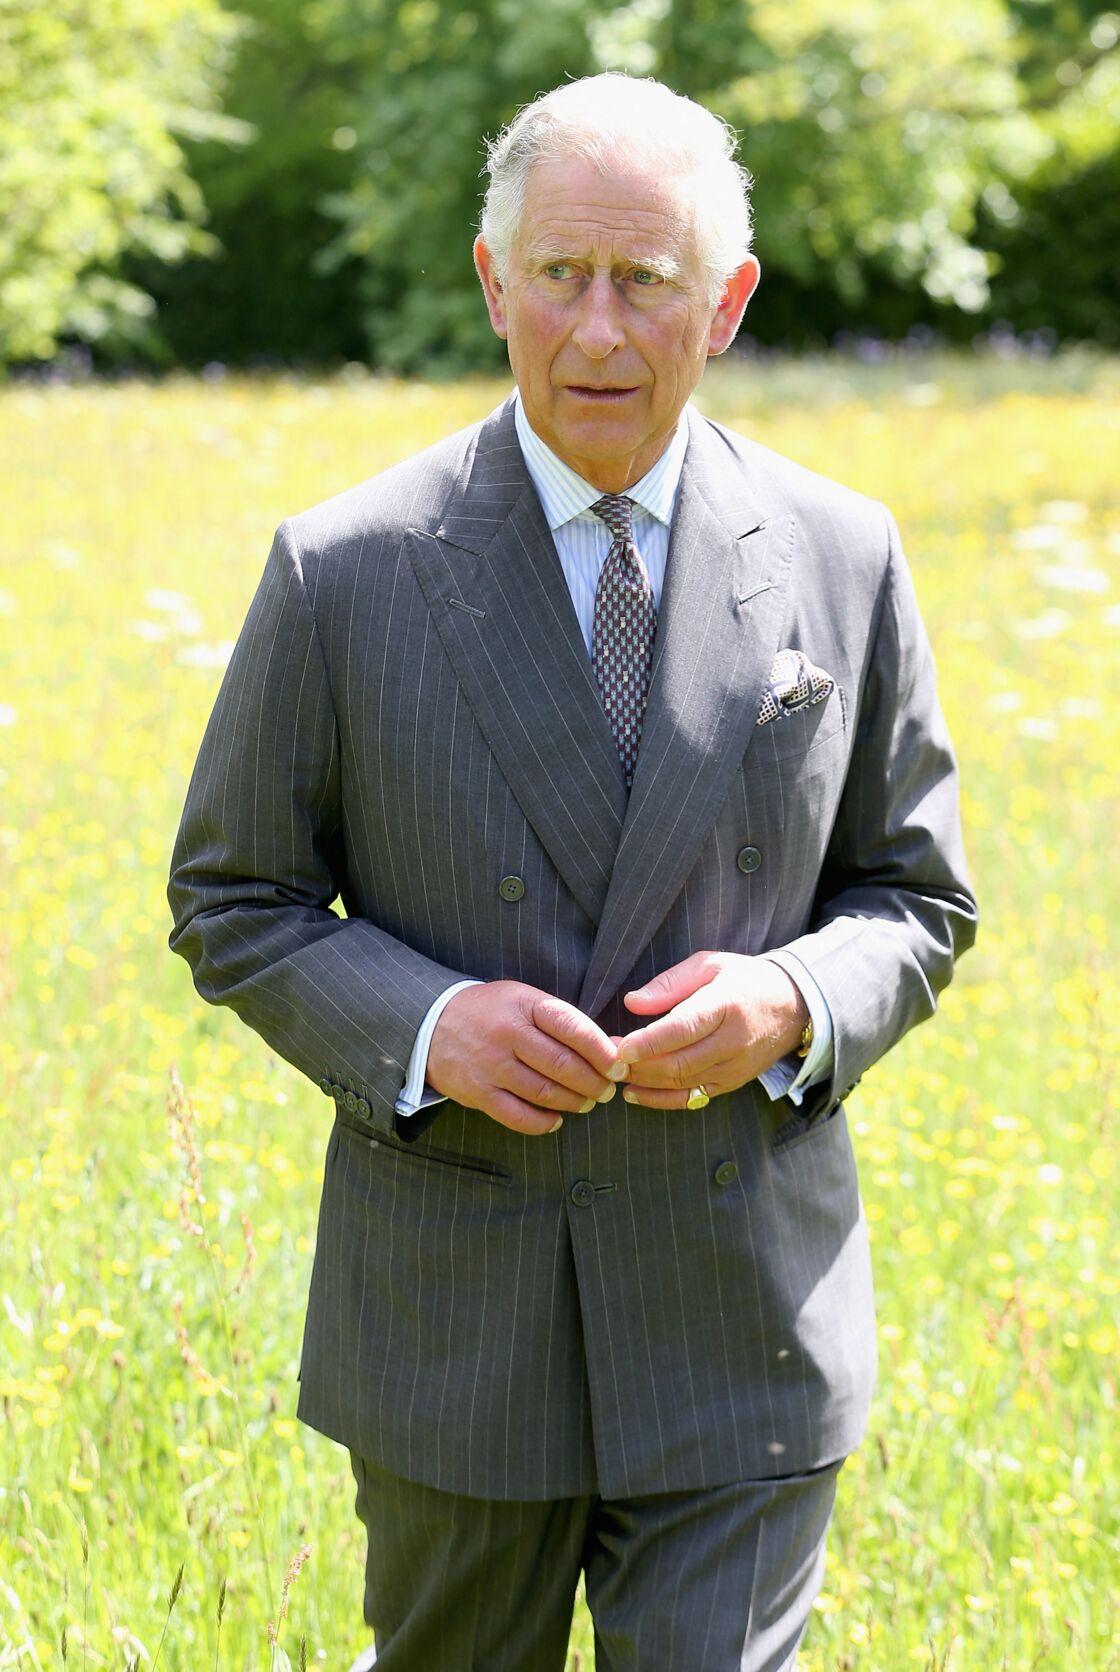 Le prince Charles prend la pose dans les jardins de sa résidence de campagne d'Highgrove.